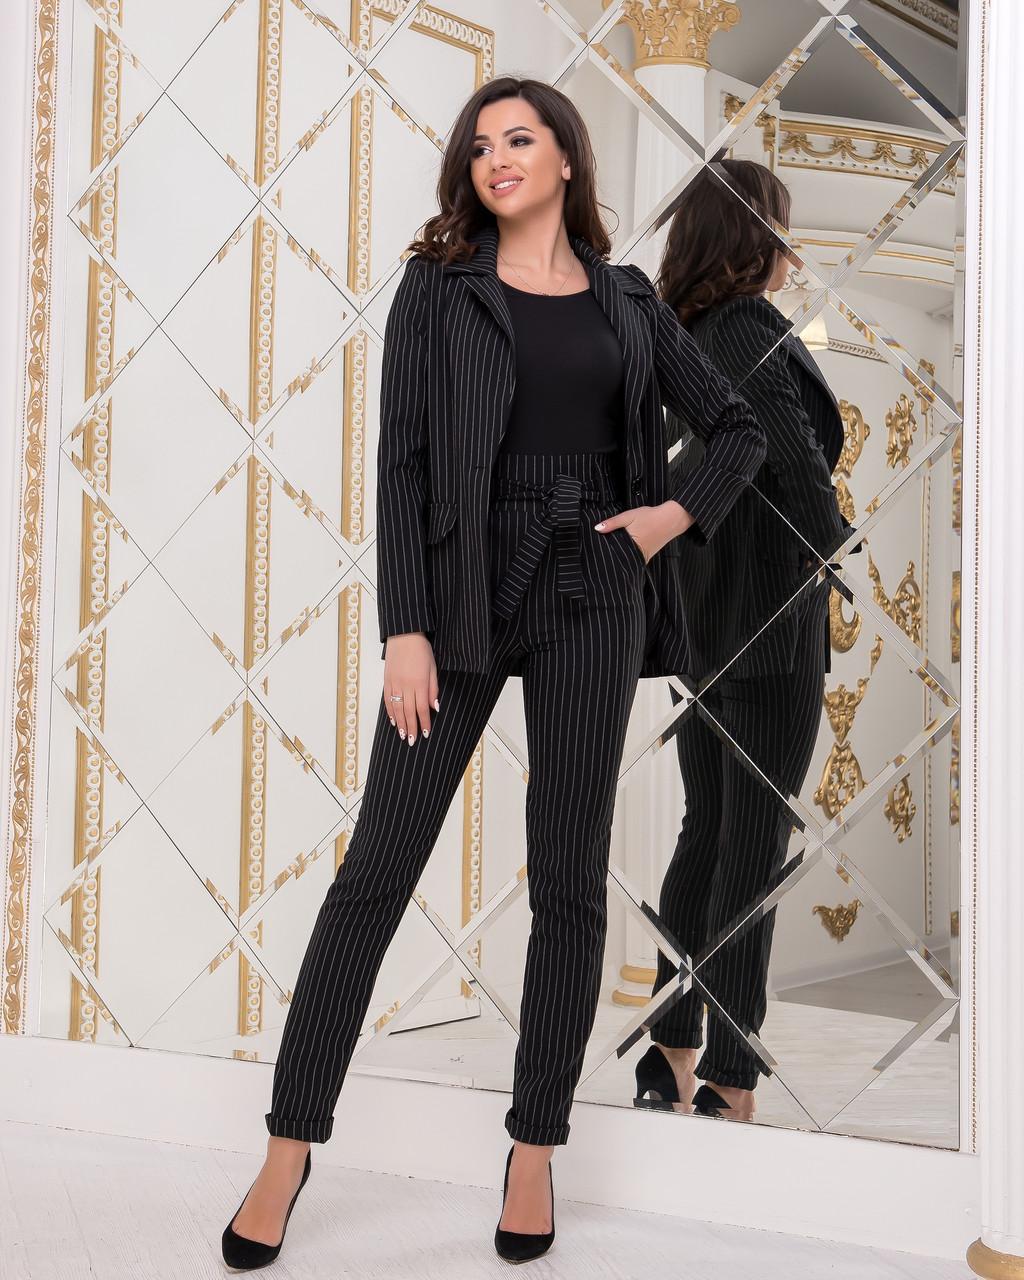 Элегантный деловой женский брючный костюм в полоску: пиджак на пуговице и брюки с высокой талией с поясом